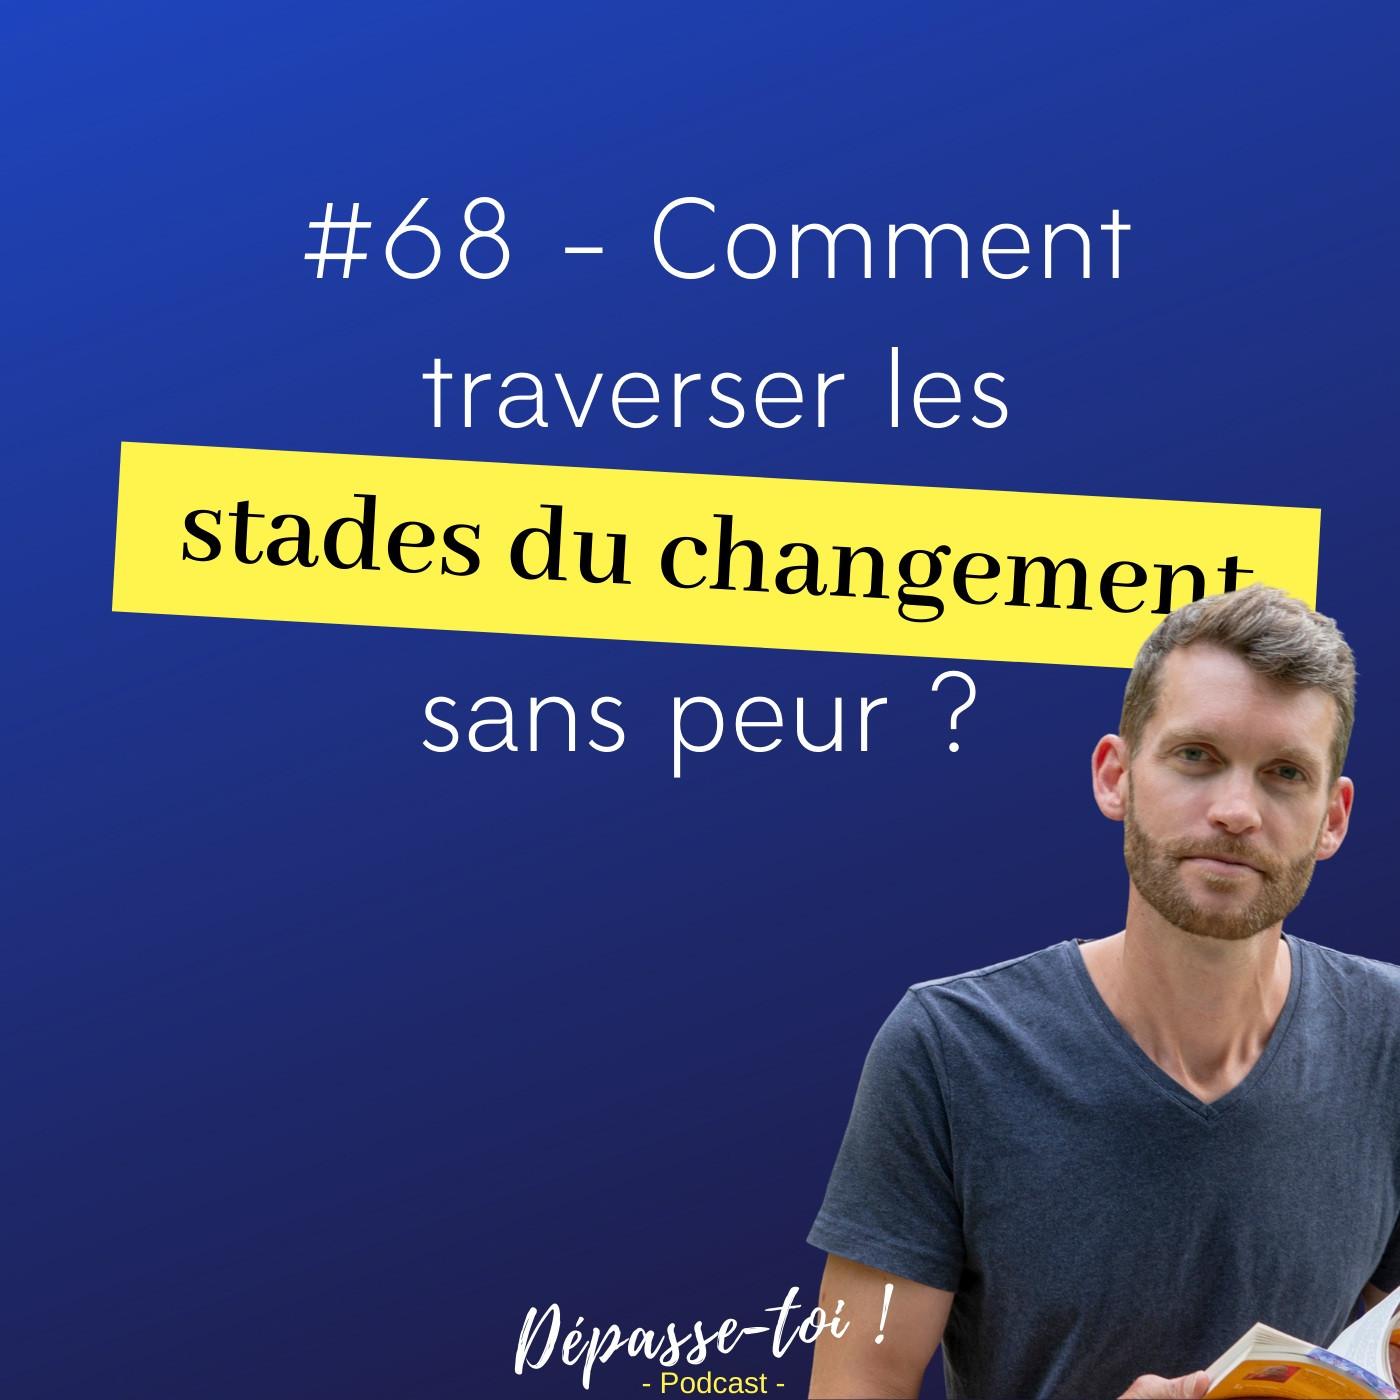 #68 - Comment traverser les étapes du changement avec conscience ?